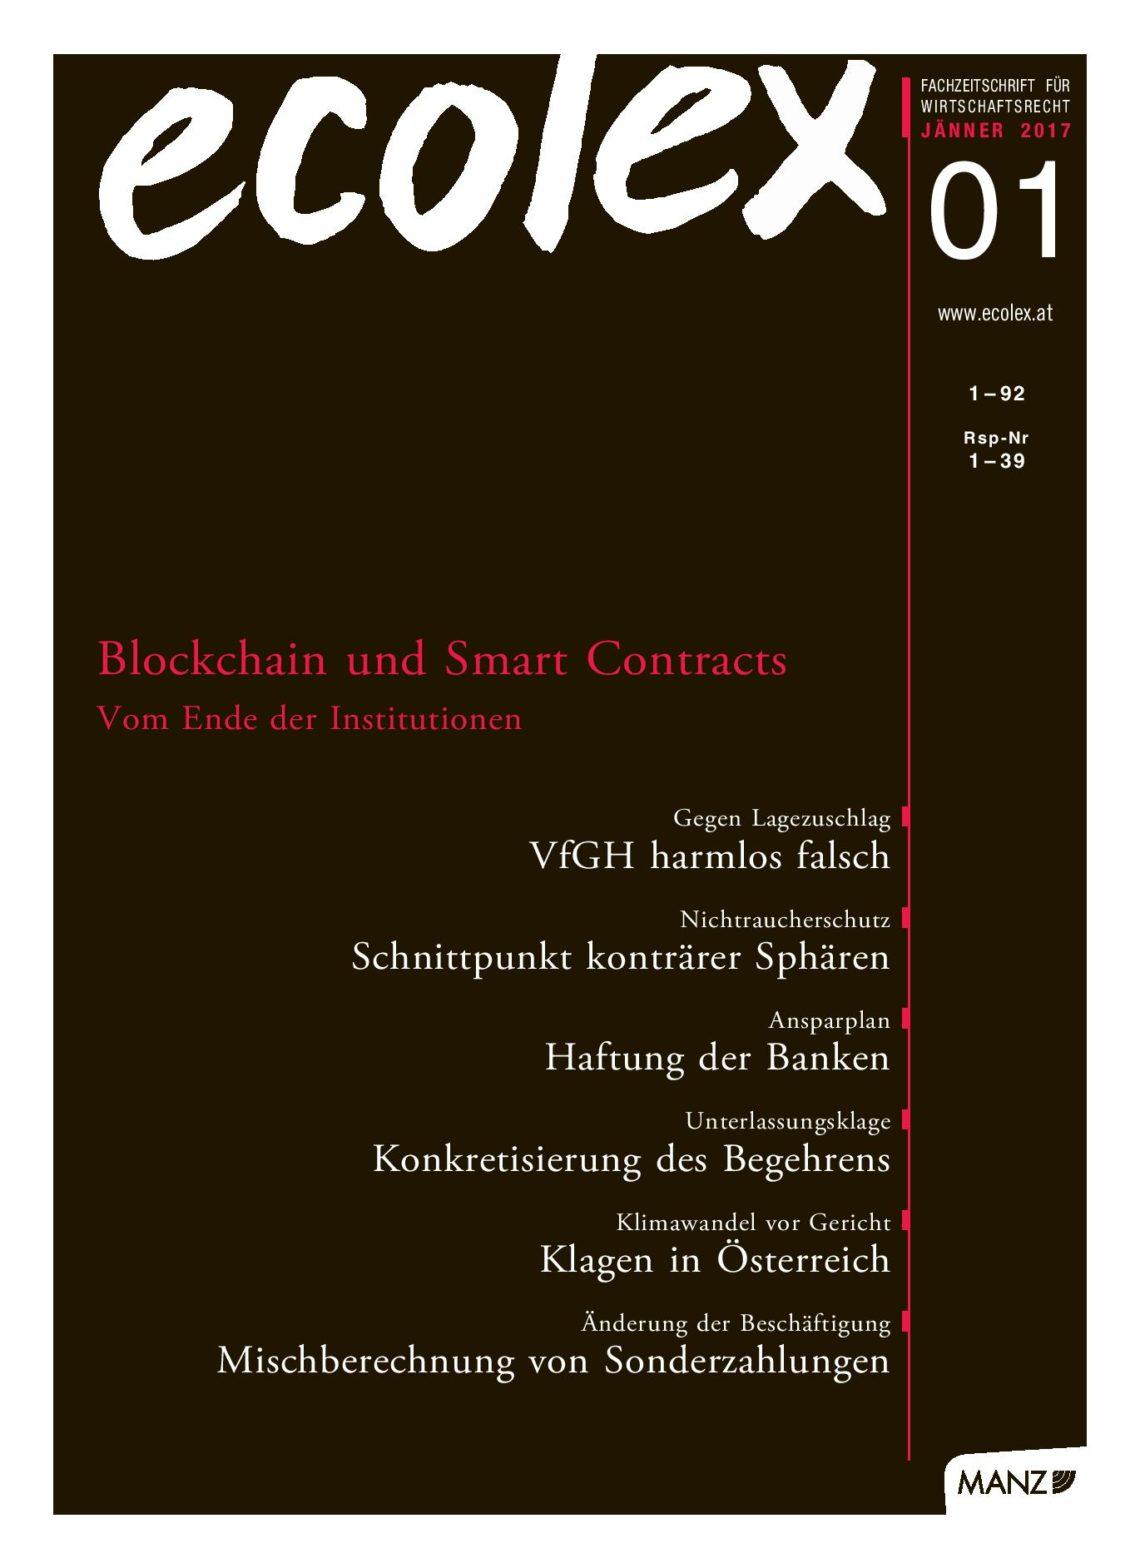 ecolex_2017-01, 14 Thomas Kainz-page-001